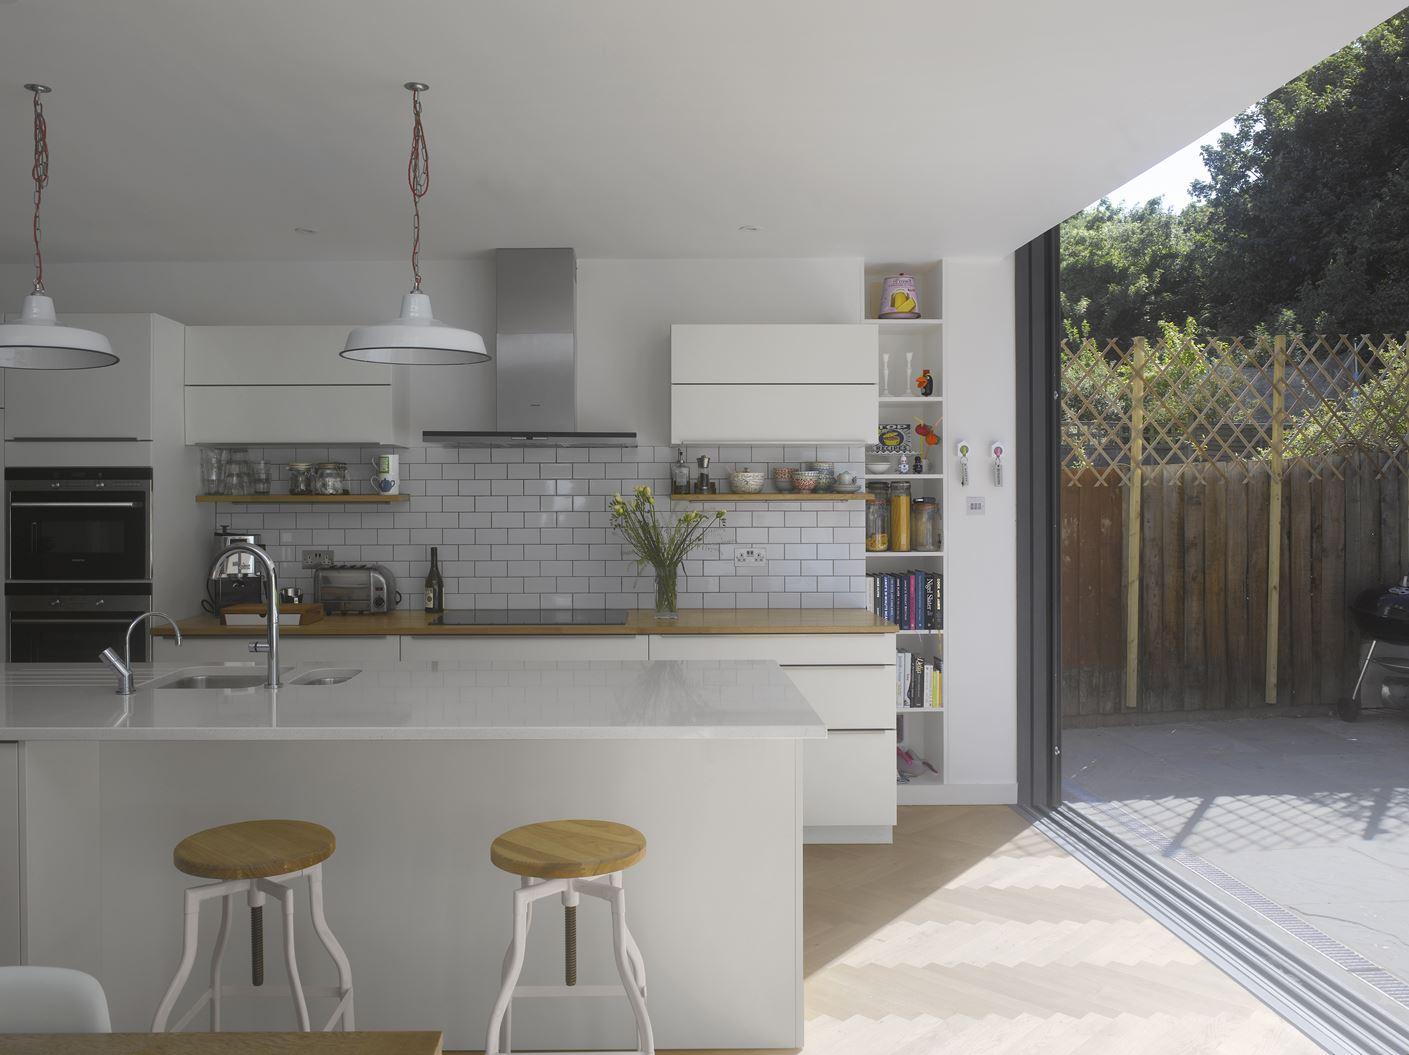 L 39 ampliamento di una casa a schiera su due livelli - Cucina con vetrata ...